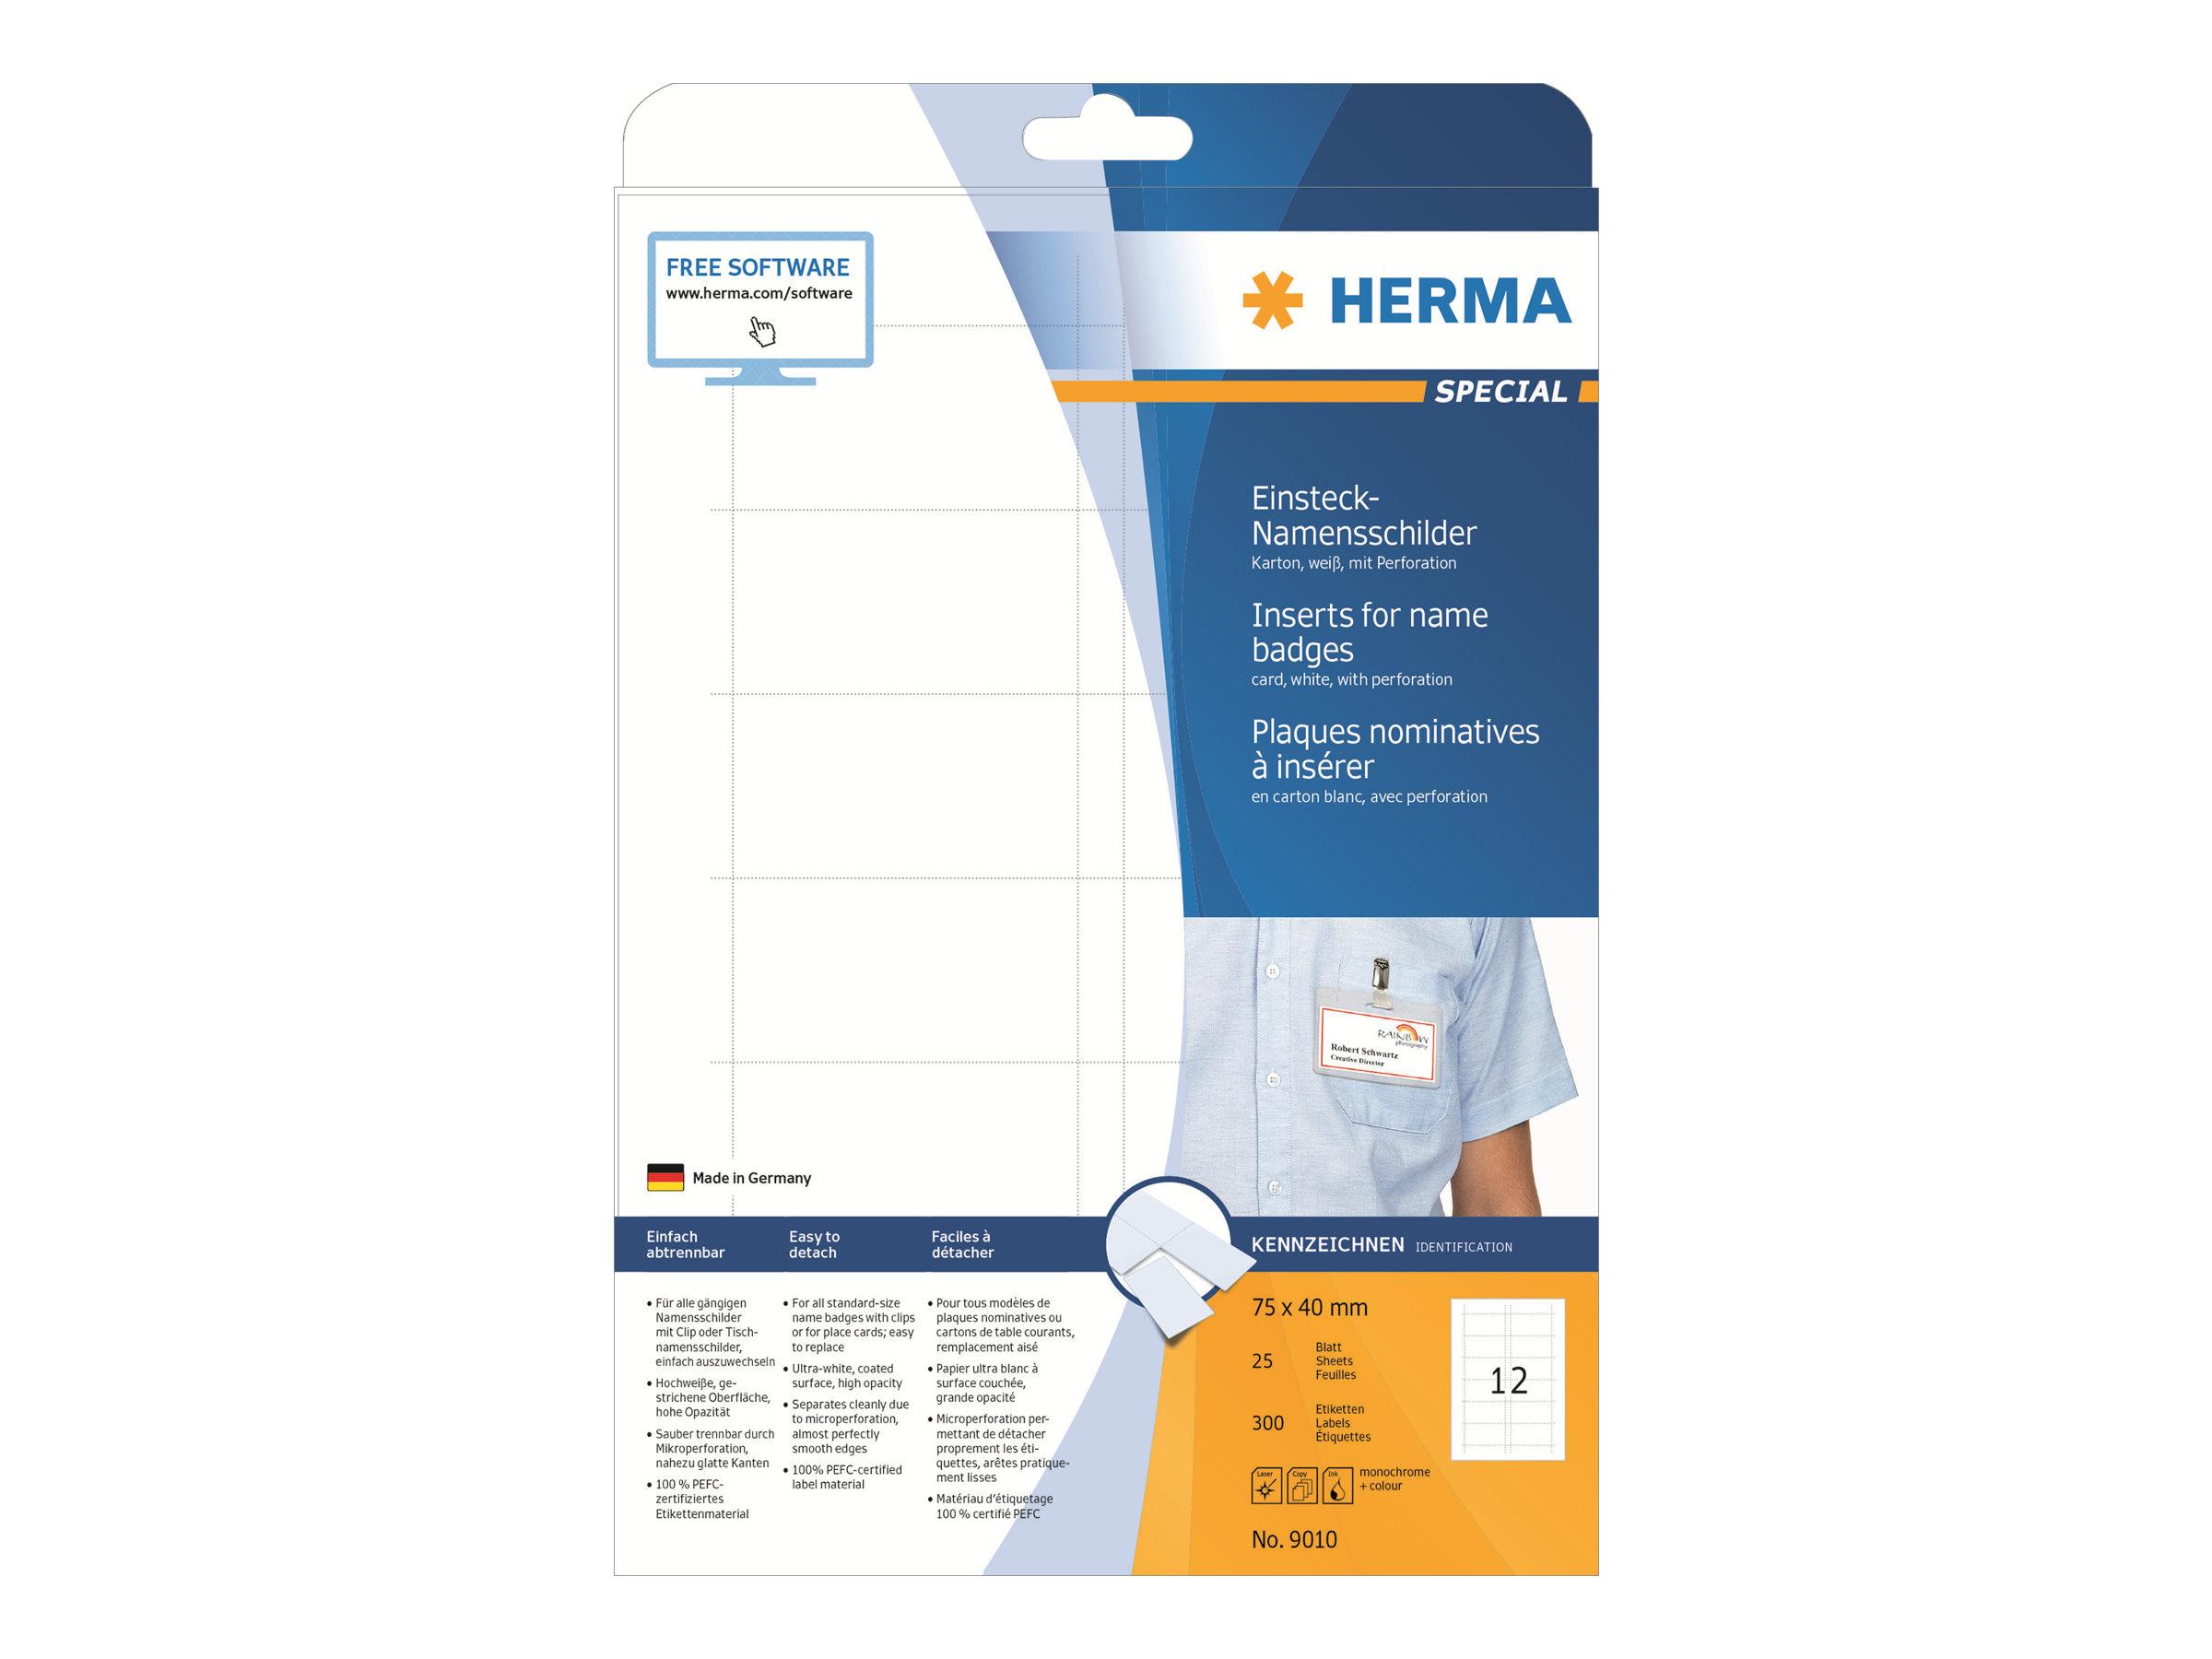 HERMA Special - Nicht klebend - perforiert - weiß - 75 x 40 mm 300 Karte(n) (25 Bogen x 12)